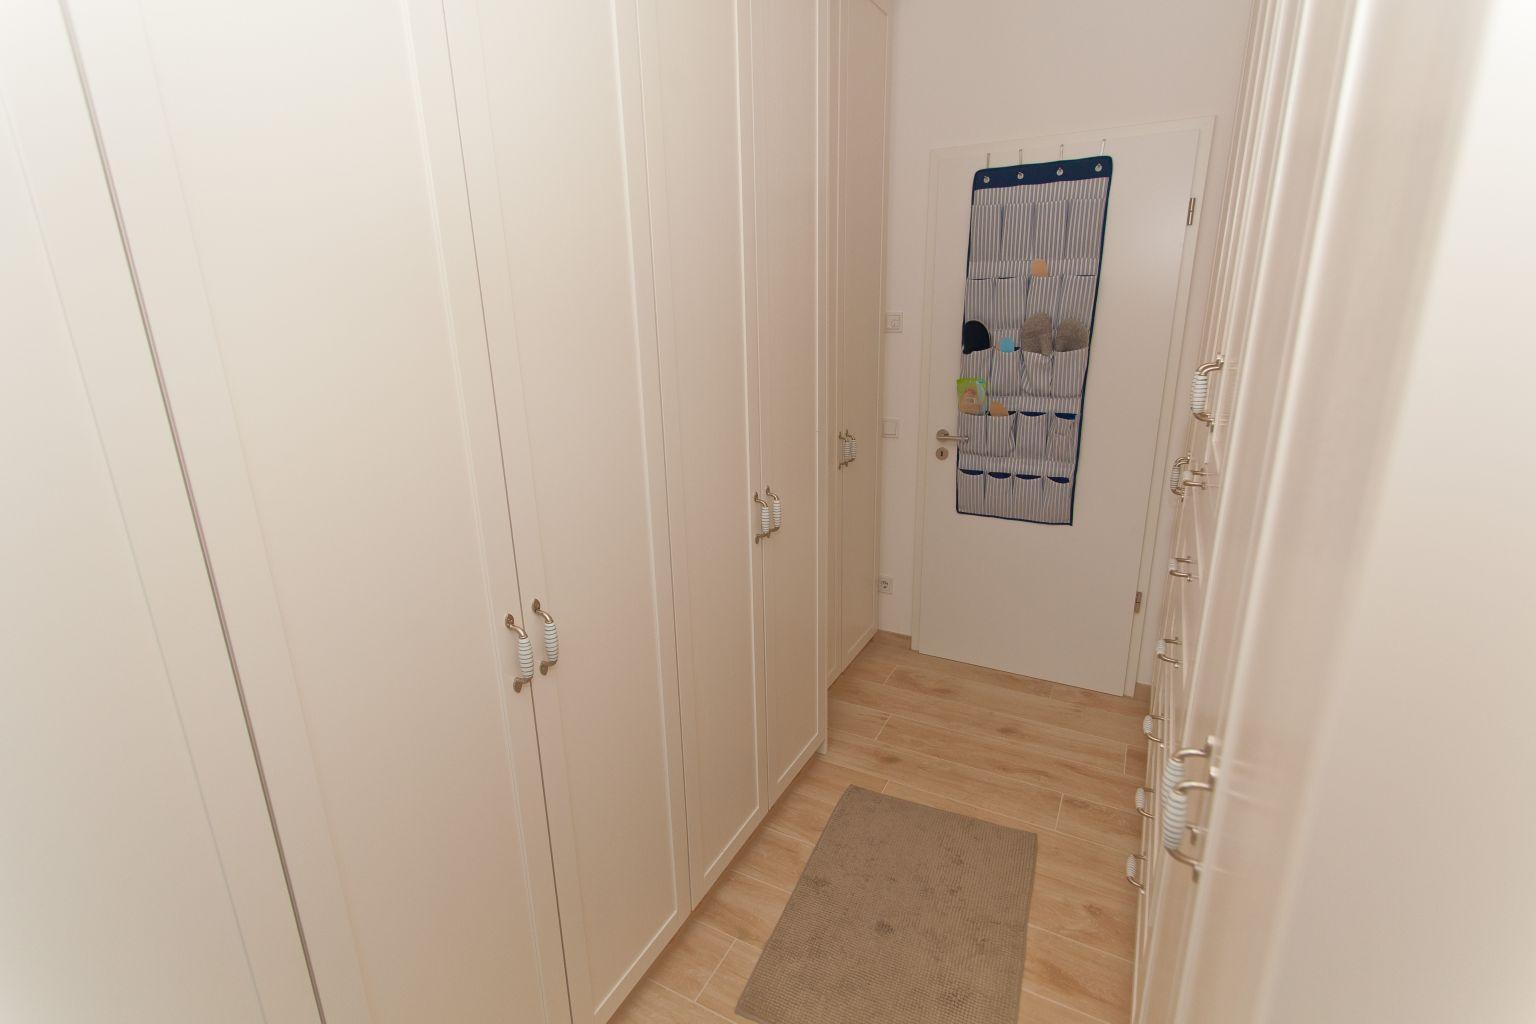 Begehbarer kleiderschrank stars  Einbau-Kleiderschrank / Begehbarer Kleiderschrank im schmalen Raum ...